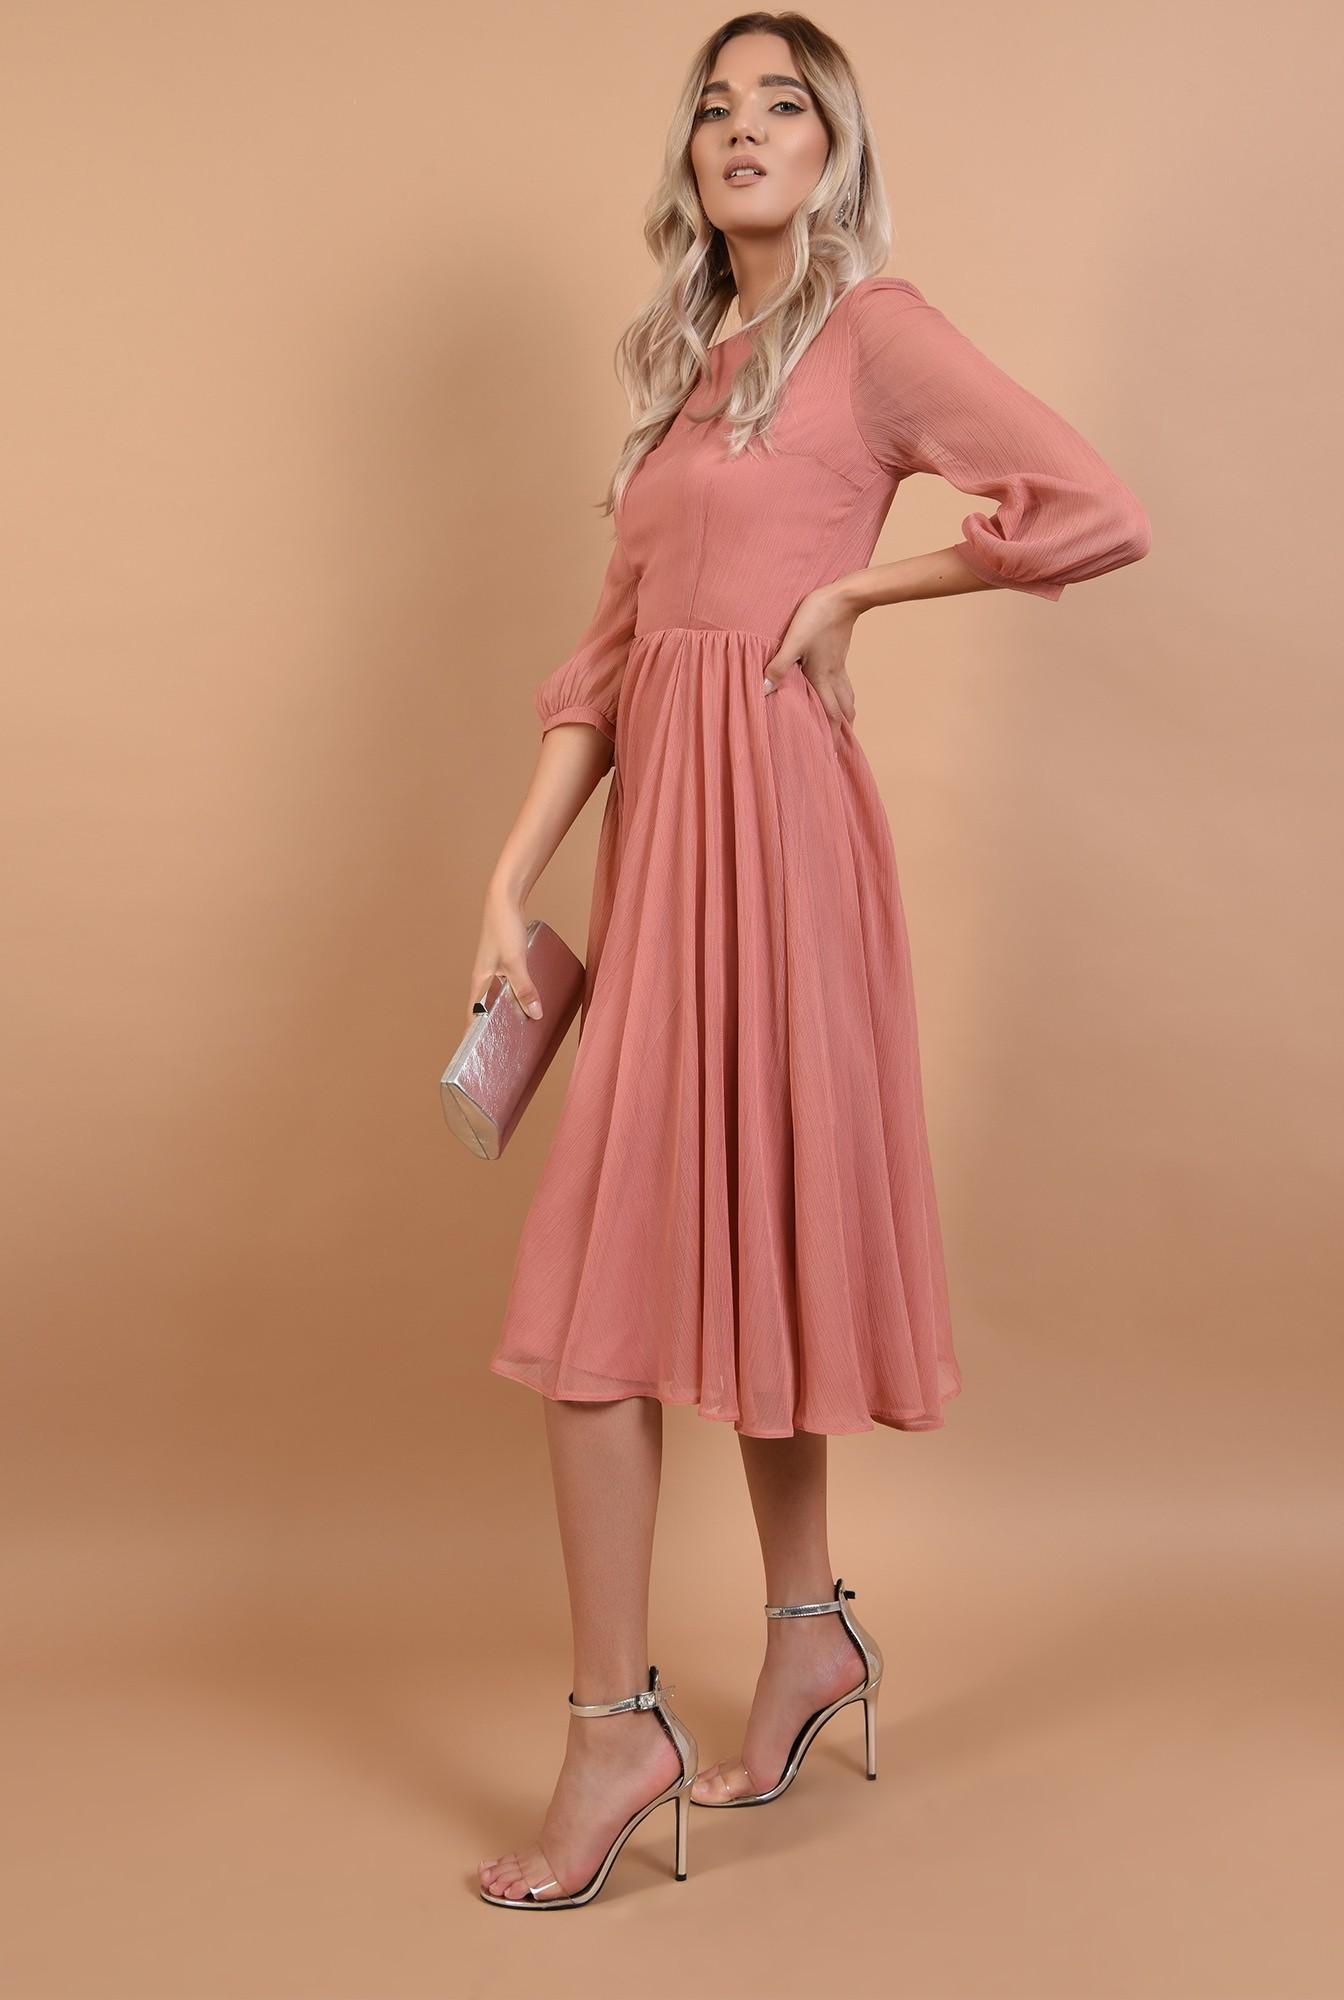 3 - rochie roz, de ocazie, midi, decolteu la baza gatului